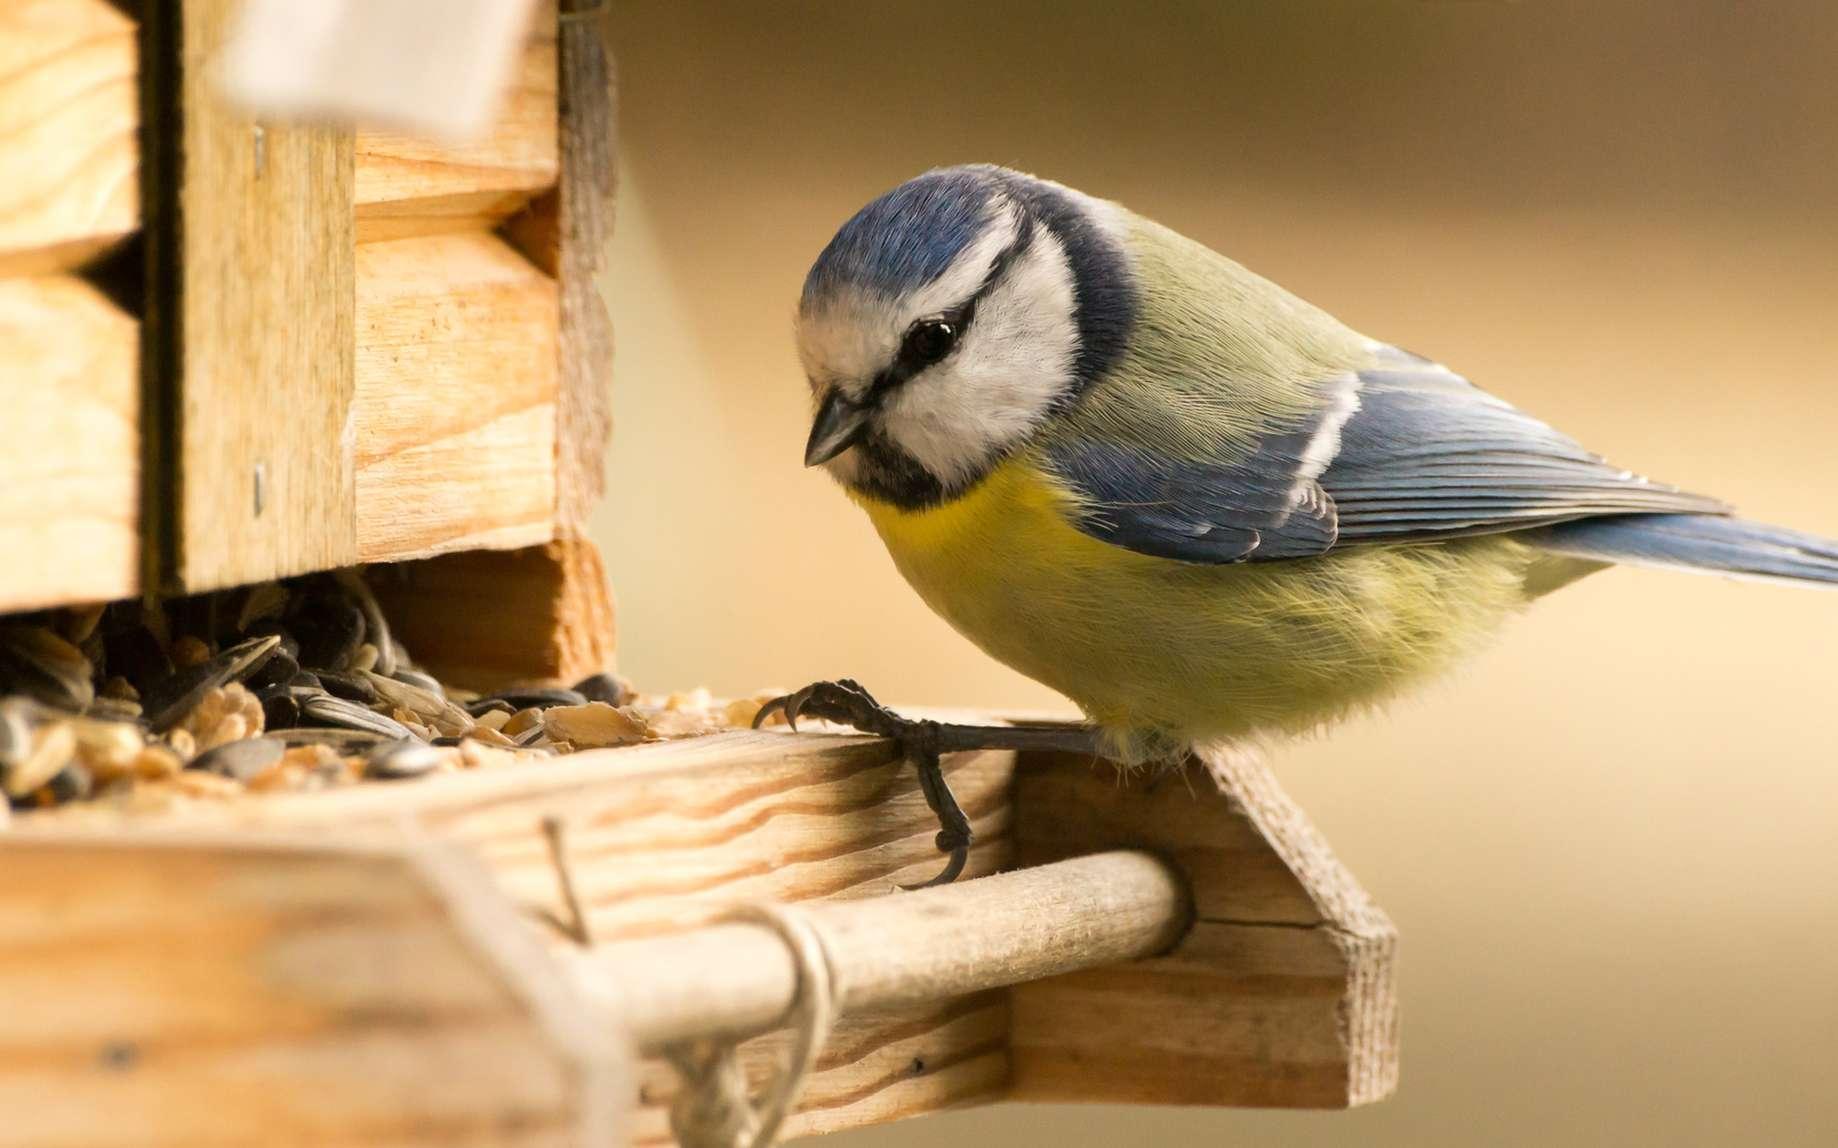 Si le nourrissage des oiseaux est relativement consensuel en hiver, il est plus controversé en été. © moquai86, fotolia